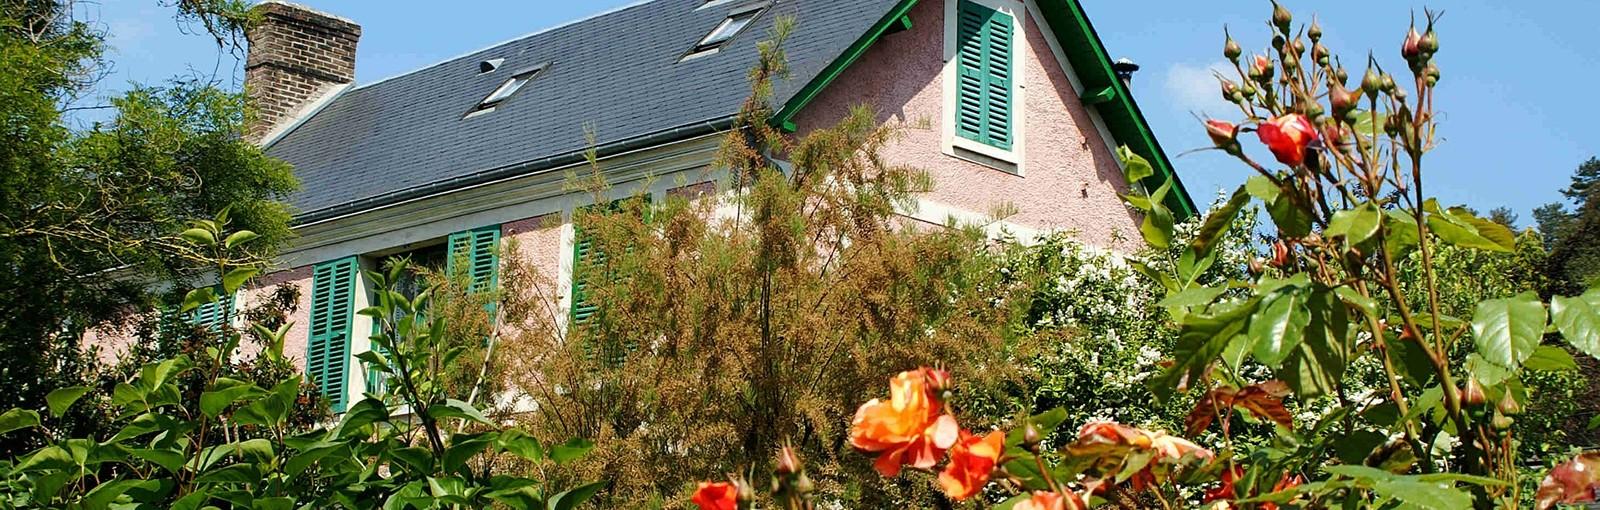 Tours Au Nord-Ouest de l'Île-de-France: de Van Gogh à Rodin et de Joséphine à Louis XIV! - Île-de-France - Circuits au départ de Paris